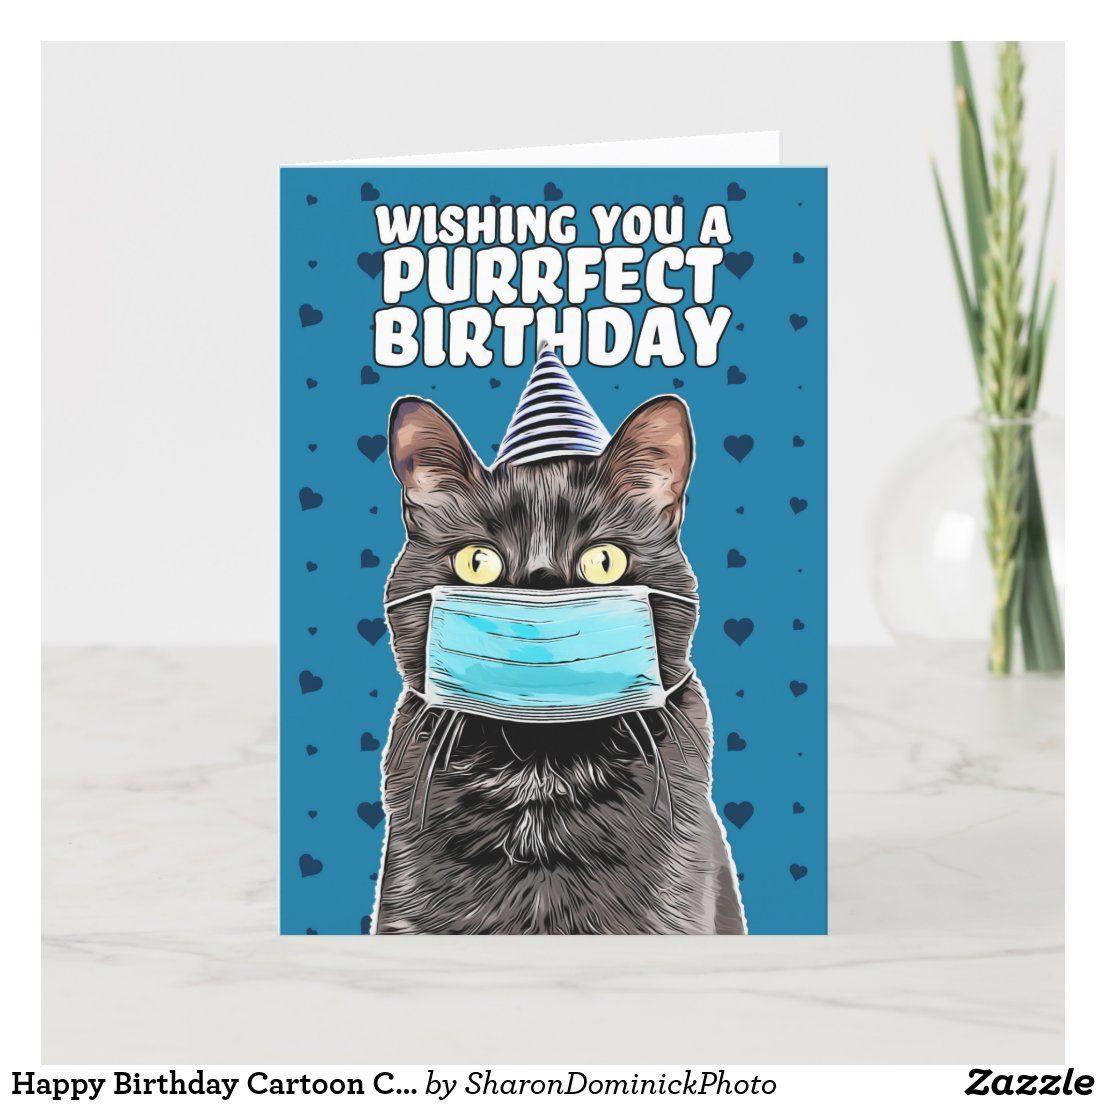 Happy Birthday Cartoon Cat In Face Mask Holiday Card Zazzle Com Happy Birthday Cat Happy Birthday Funny Birthday Cartoon